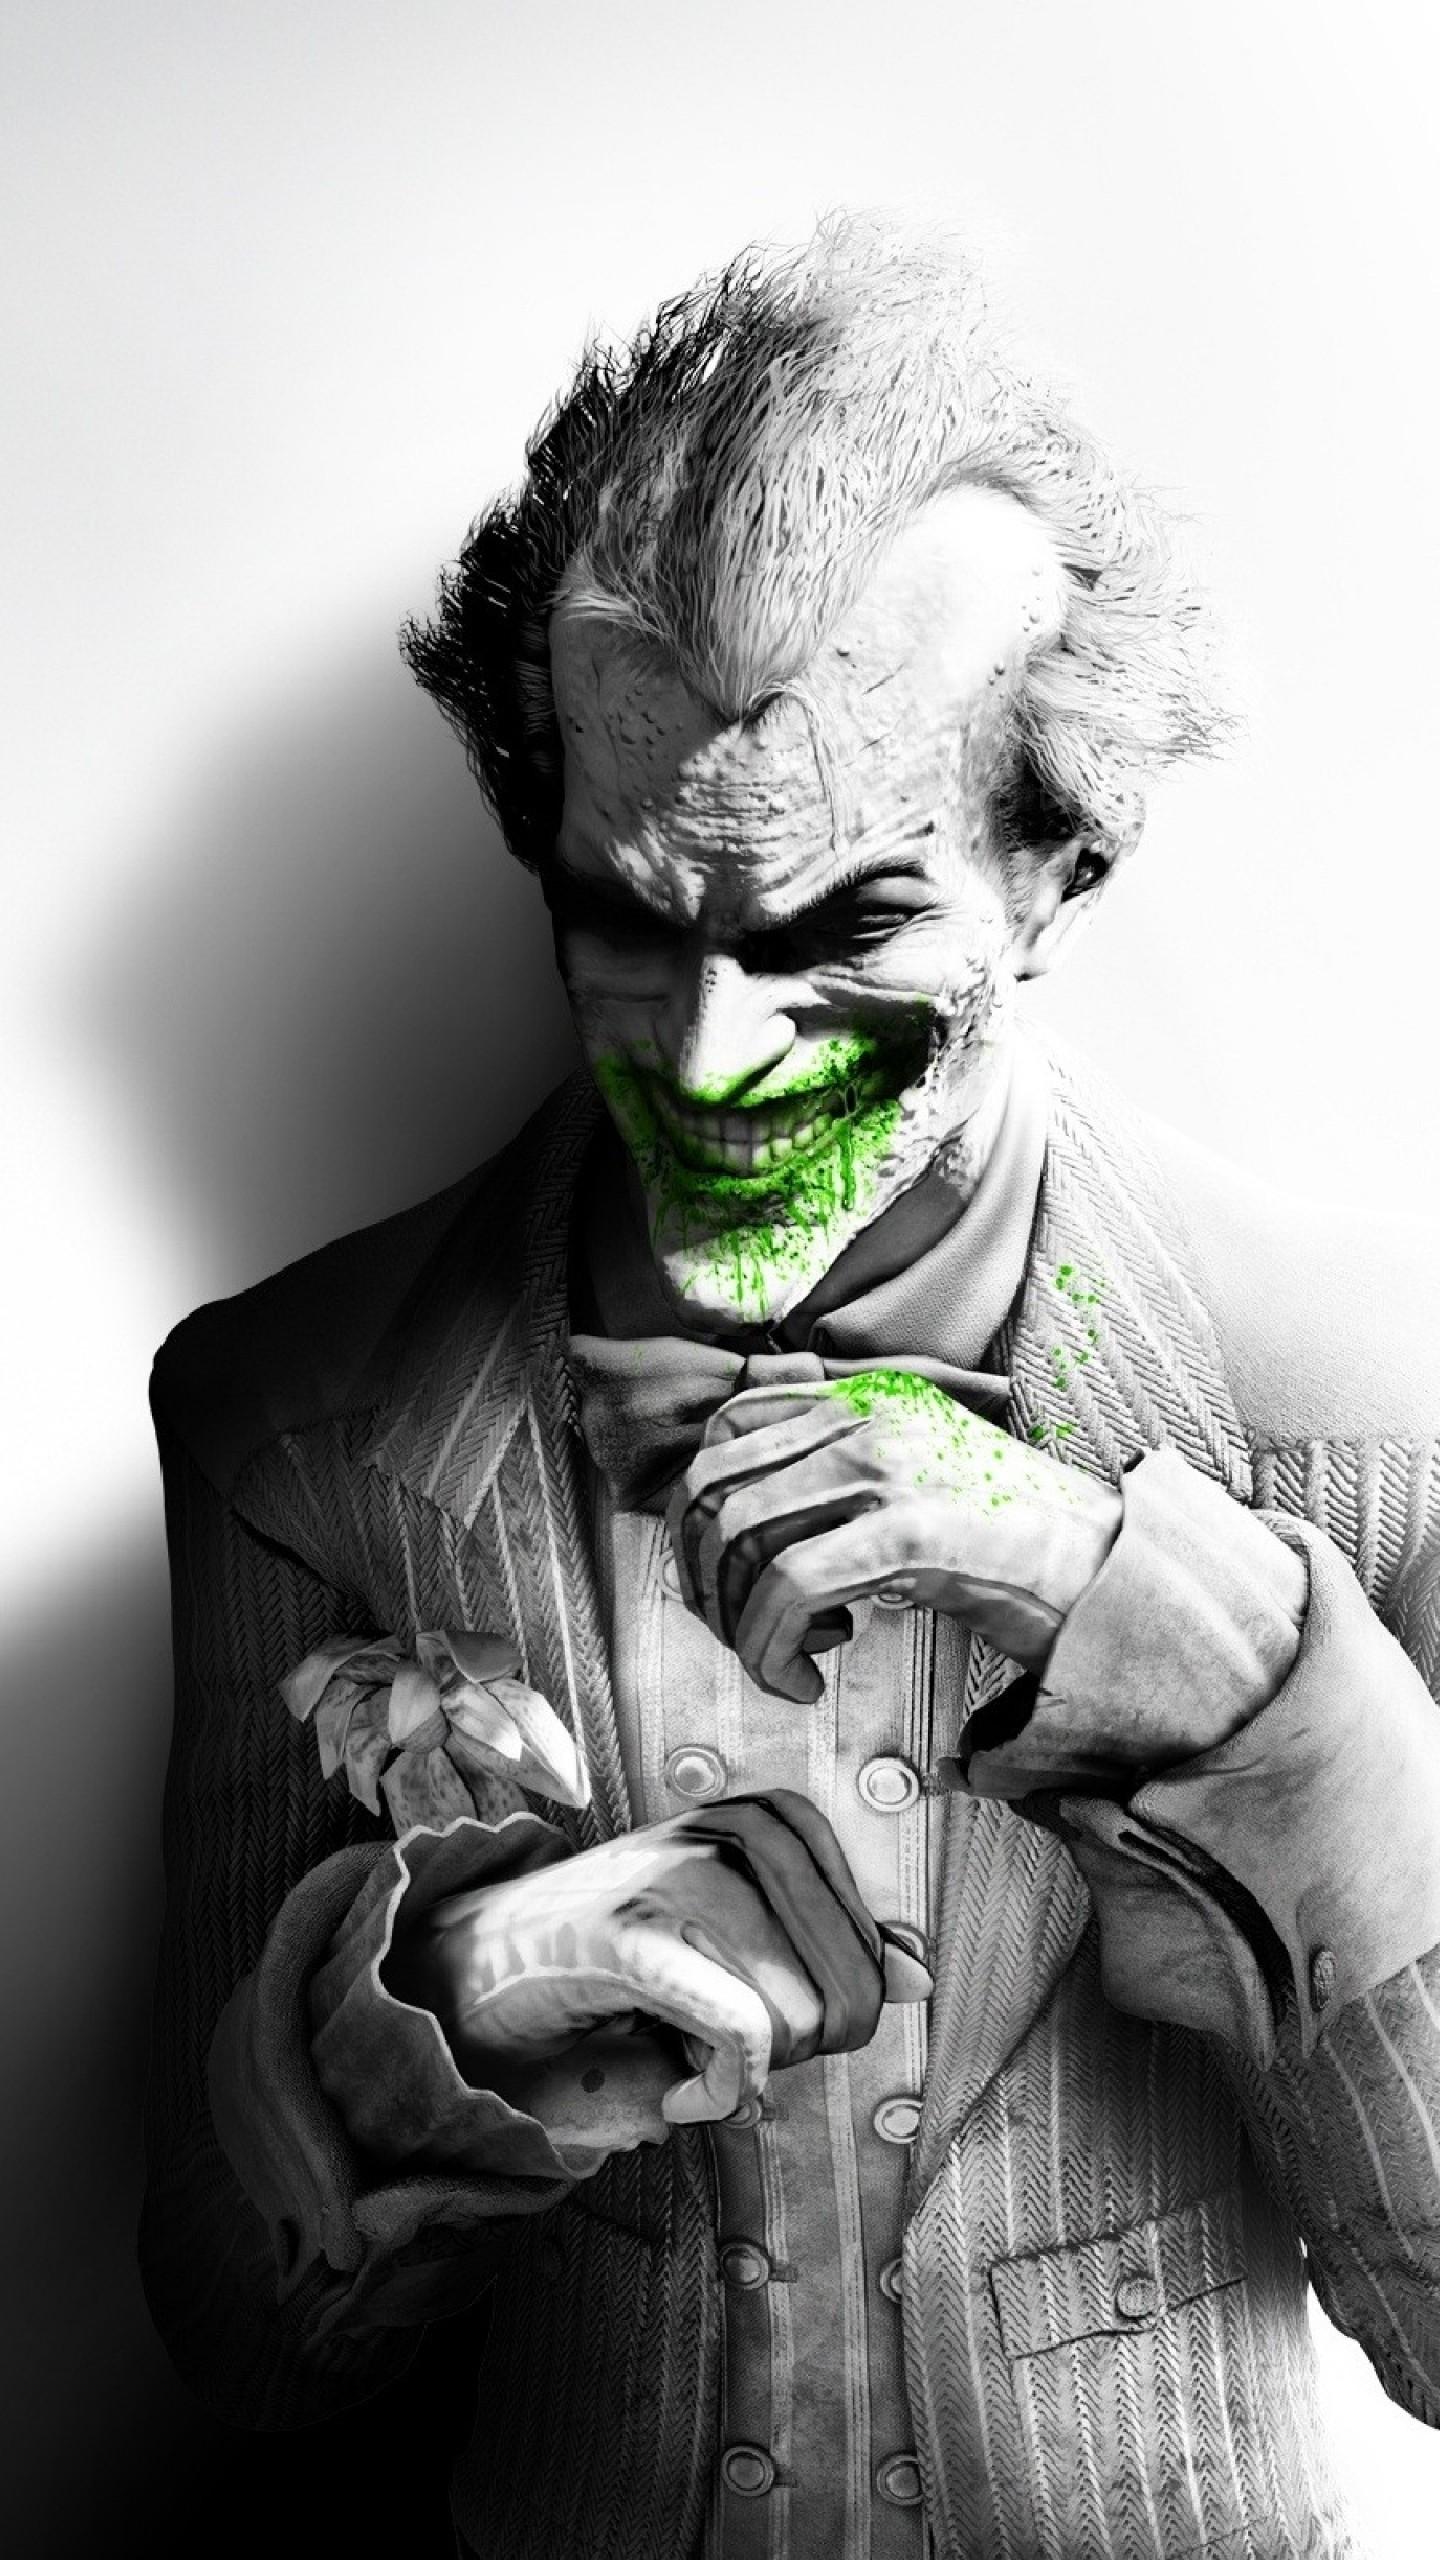 Wallpaper batman arkham city, joker, smile, suit, flower, fan art